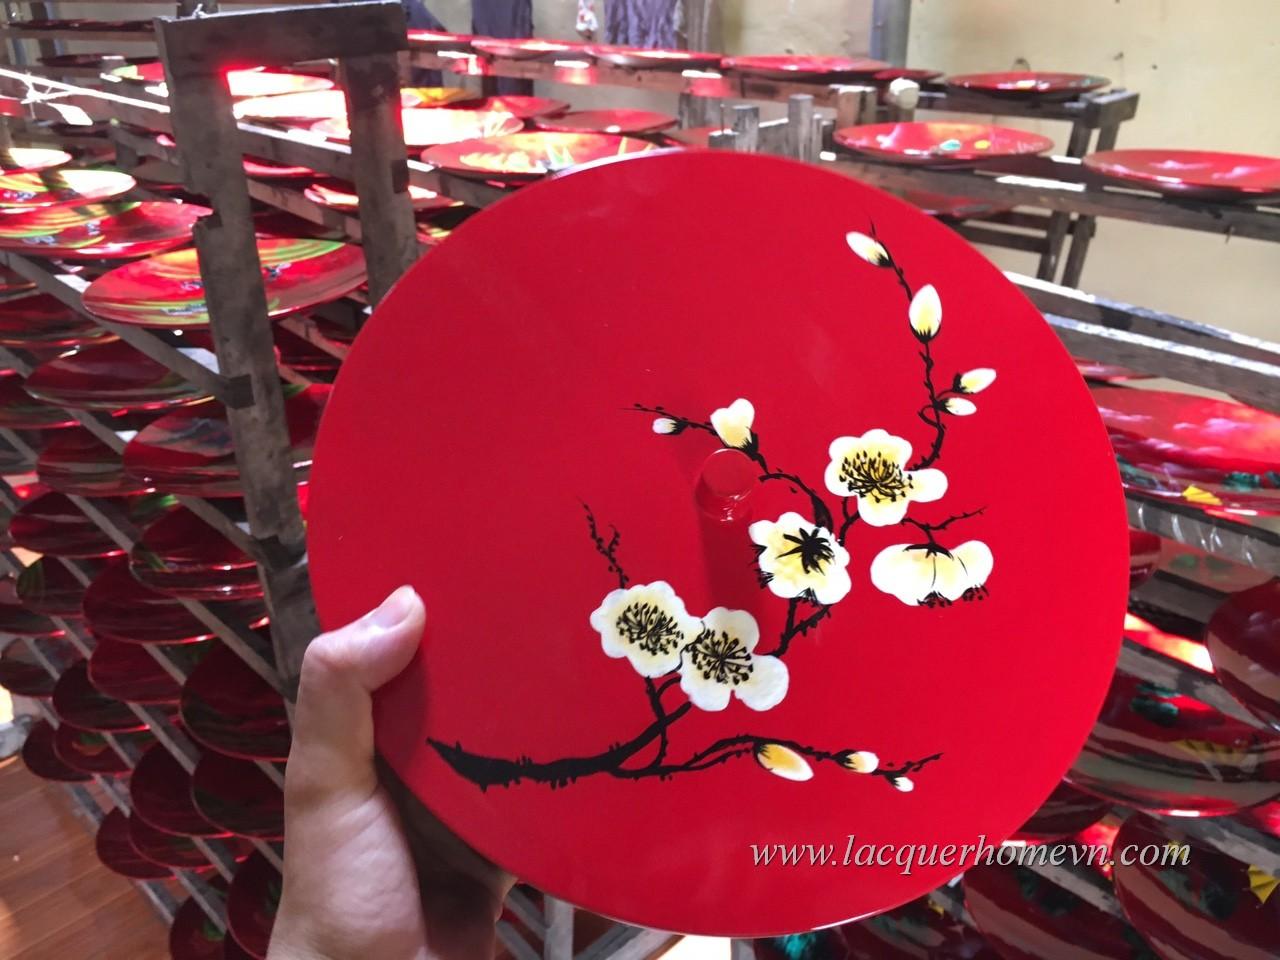 HT9981 Hộp mứt sơn mài vẽ hoa đào nền đỏ